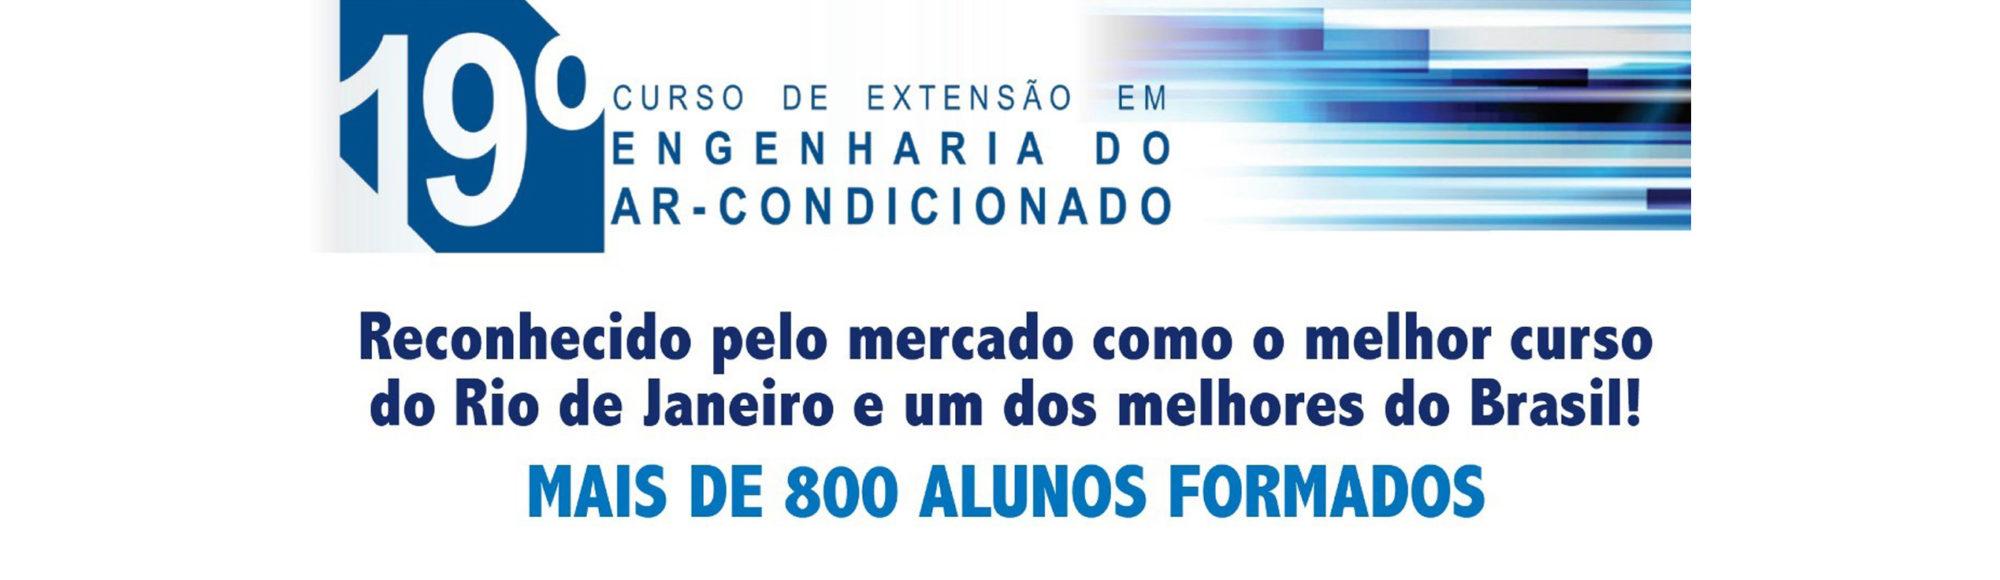 19º CURSO DE EXTENSÃO EM ENGENHARIA DO AR-CONDICIONADO